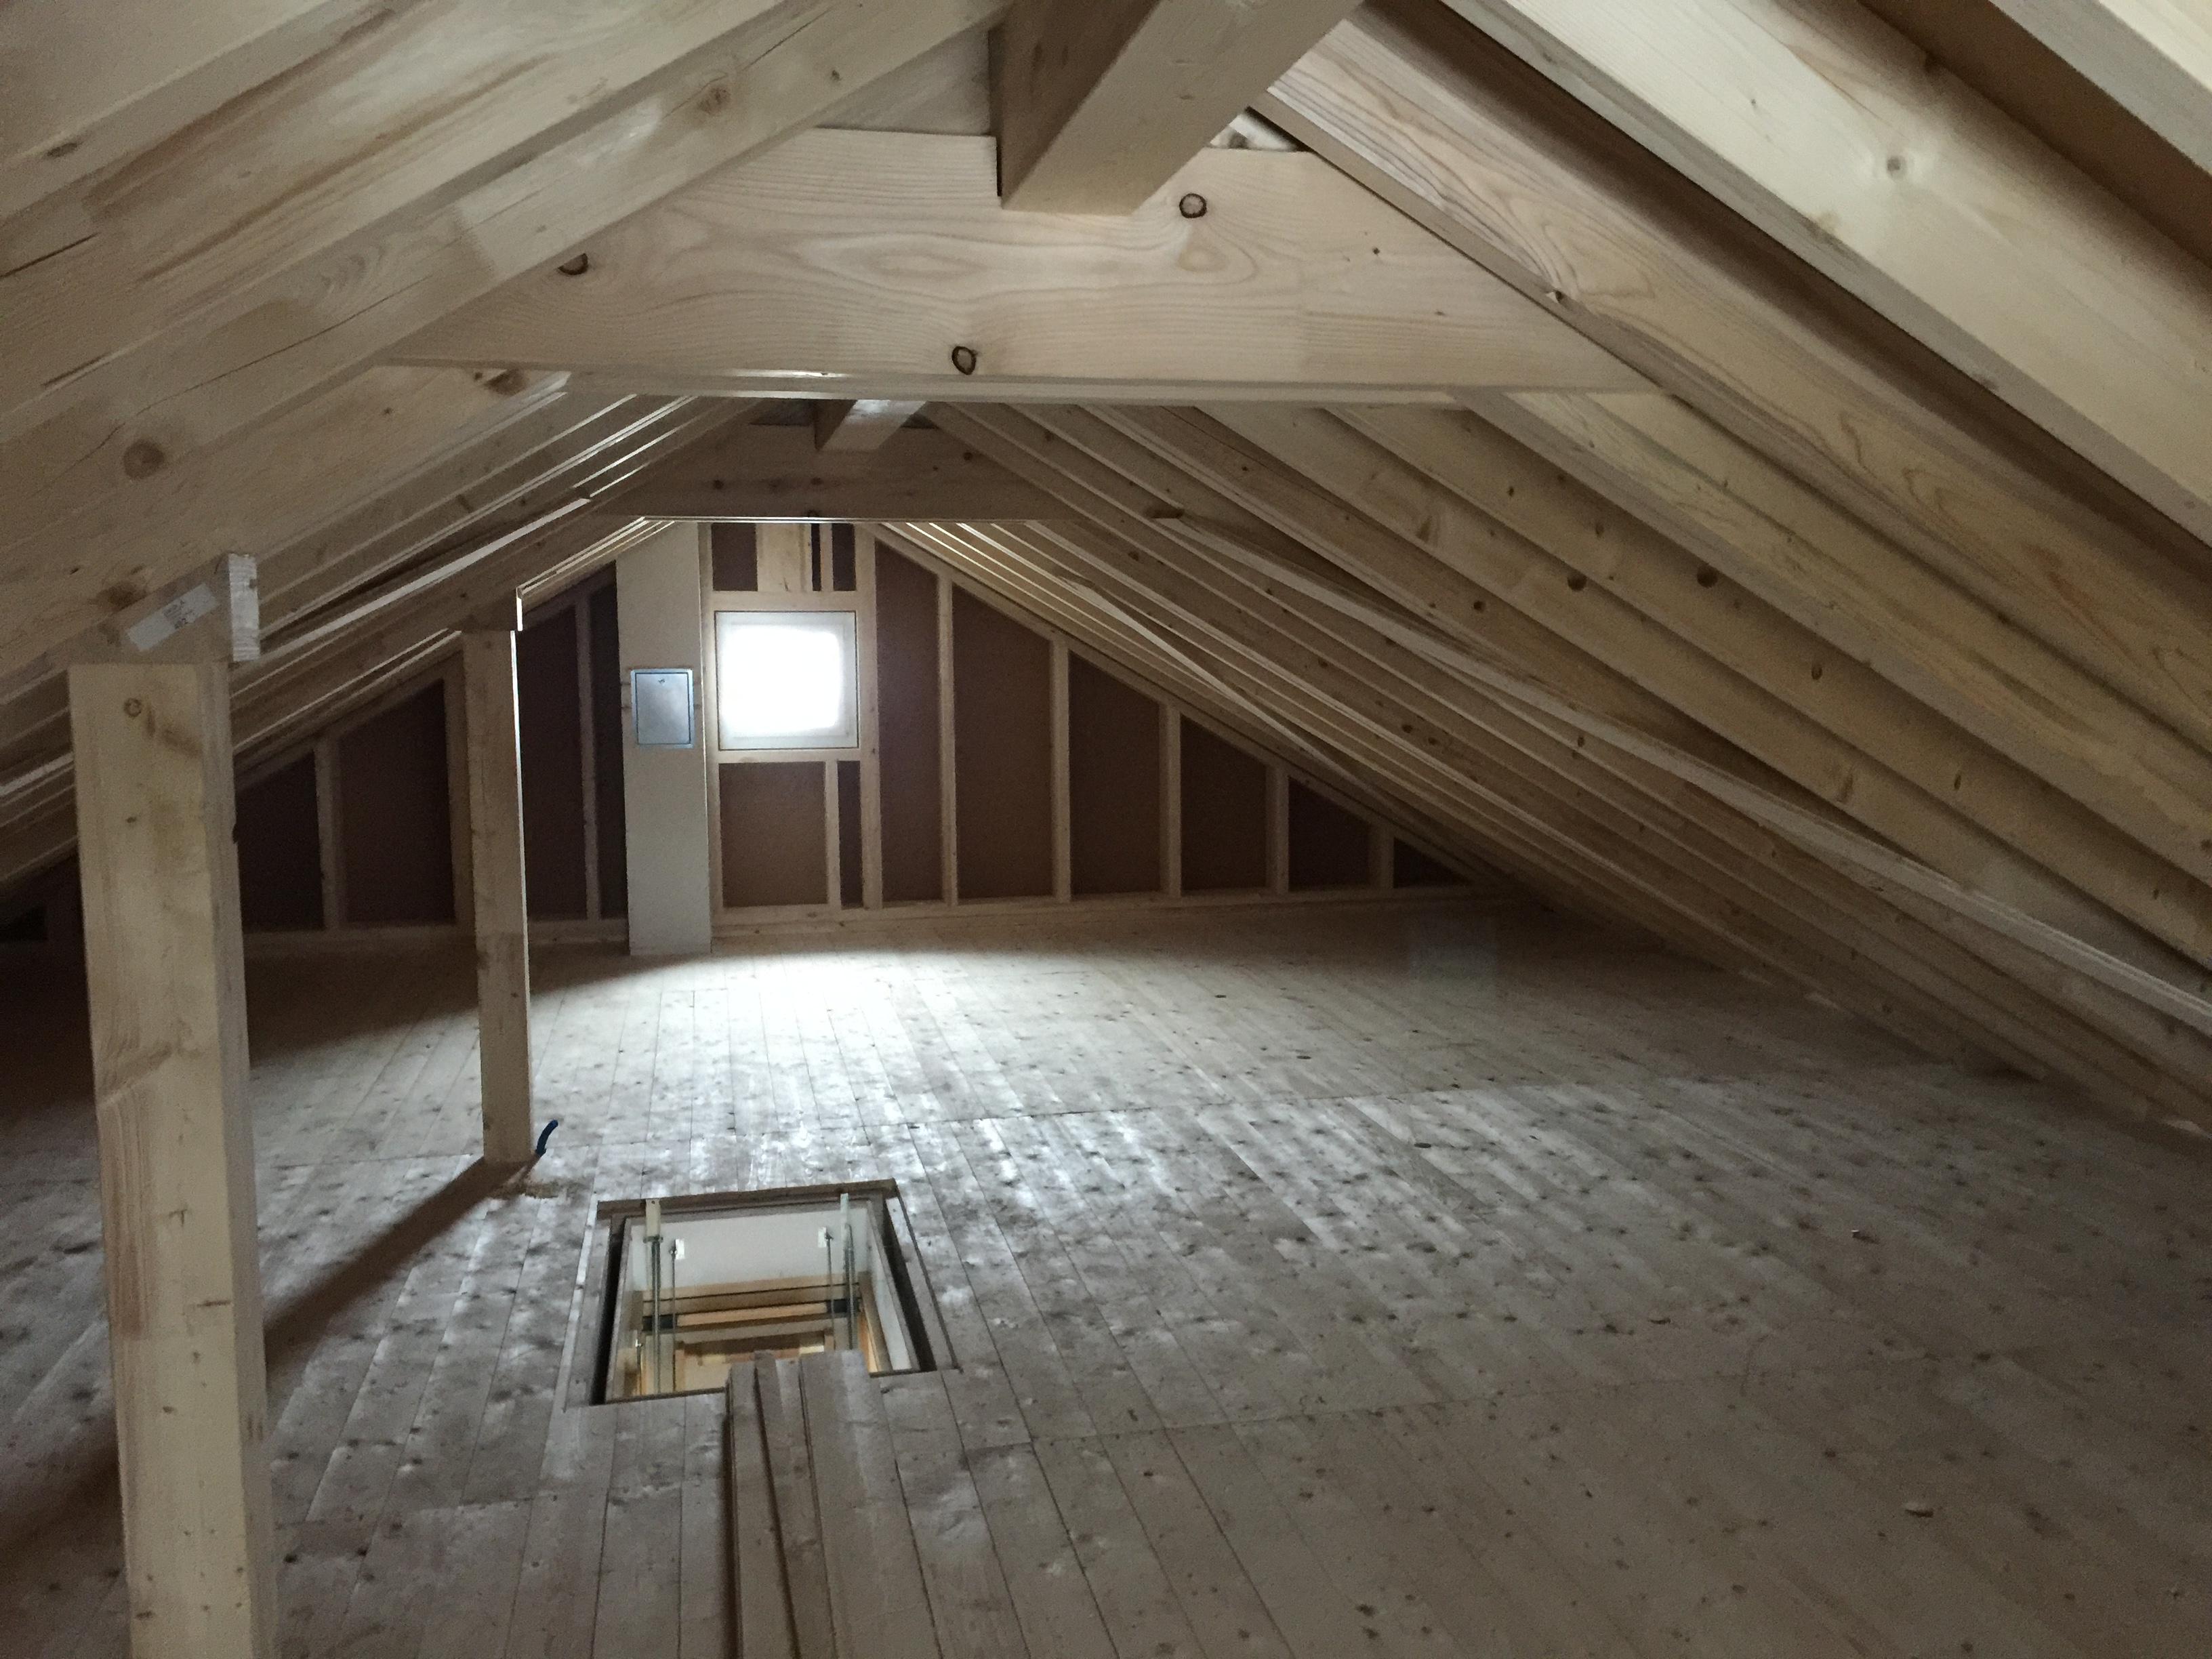 Wärmedämmung: Kaltdach-Konstruktion mit Wärmedämmung im Boden des Estrichs | Krattiger Holzbau AG Amriswil